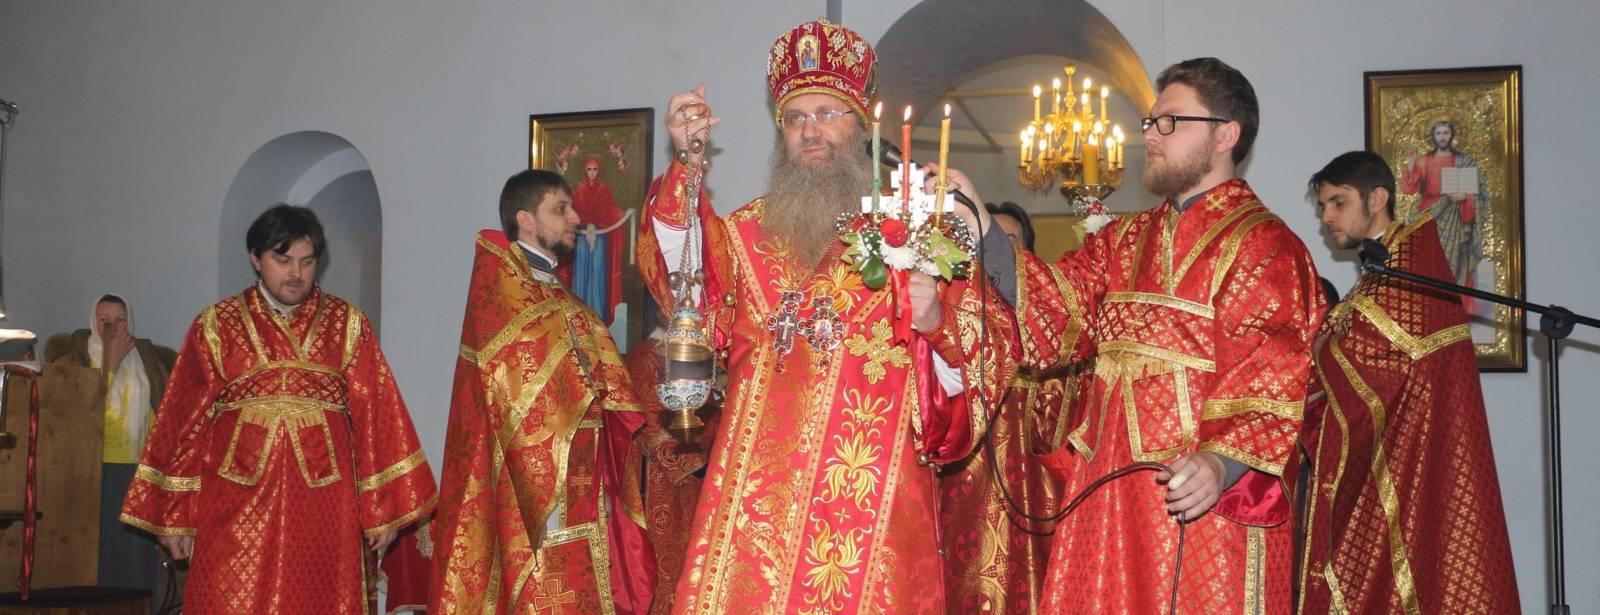 Торжественное Пасхальное богослужение в Покровском кафедральном соборе г. Урюпинска.